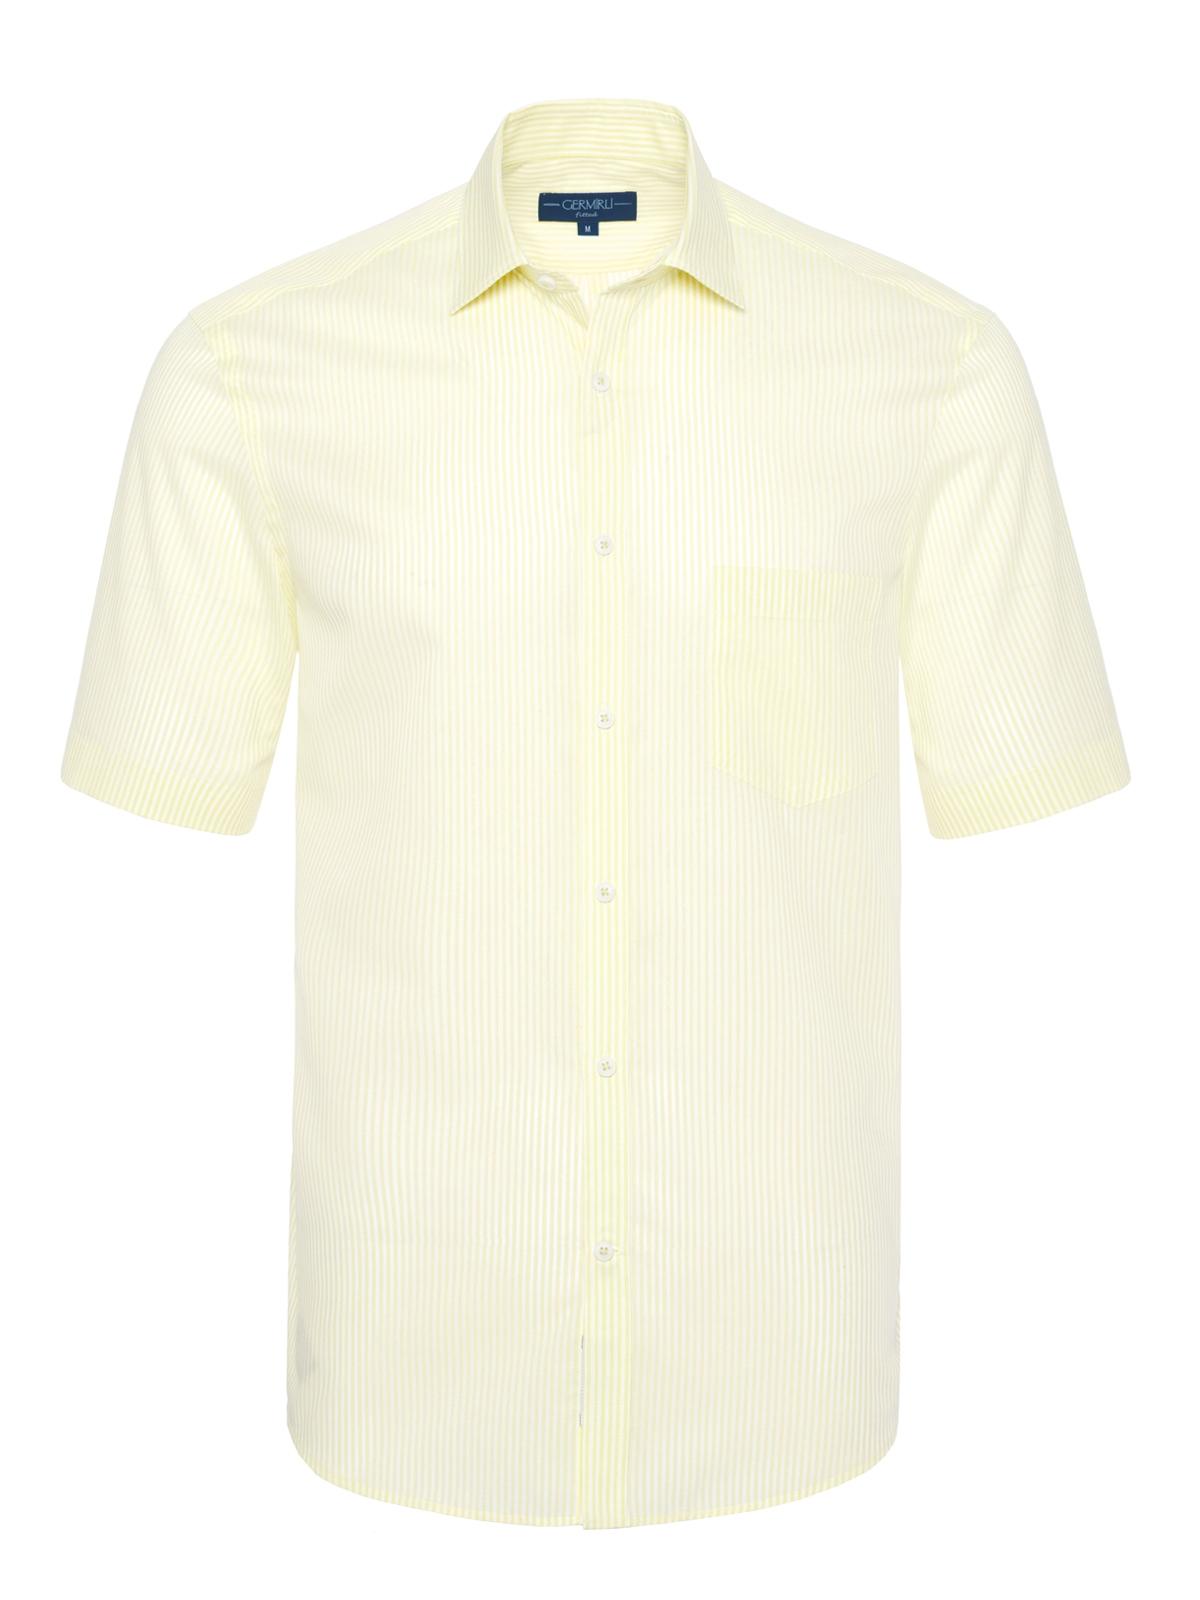 Germirli Sarımsı Yeşil Beyaz Çizgili Kısa Kollu Klasik Yaka Cepli Tailor Fit Gömlek